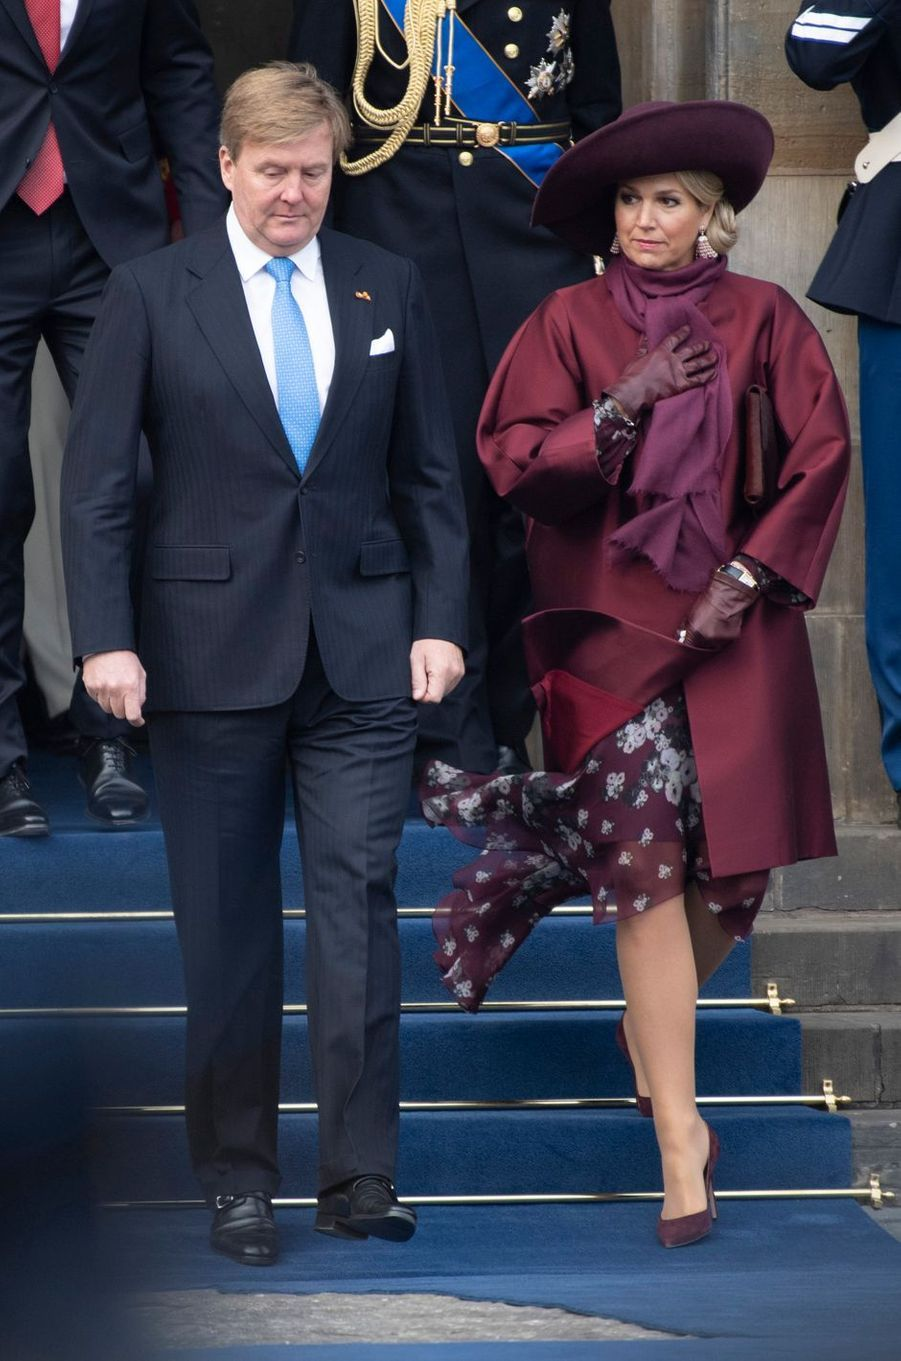 La reine Maxima et le roi Willem-Alexander des Pays-Bas à Amsterdam, le 21 novembre 2018